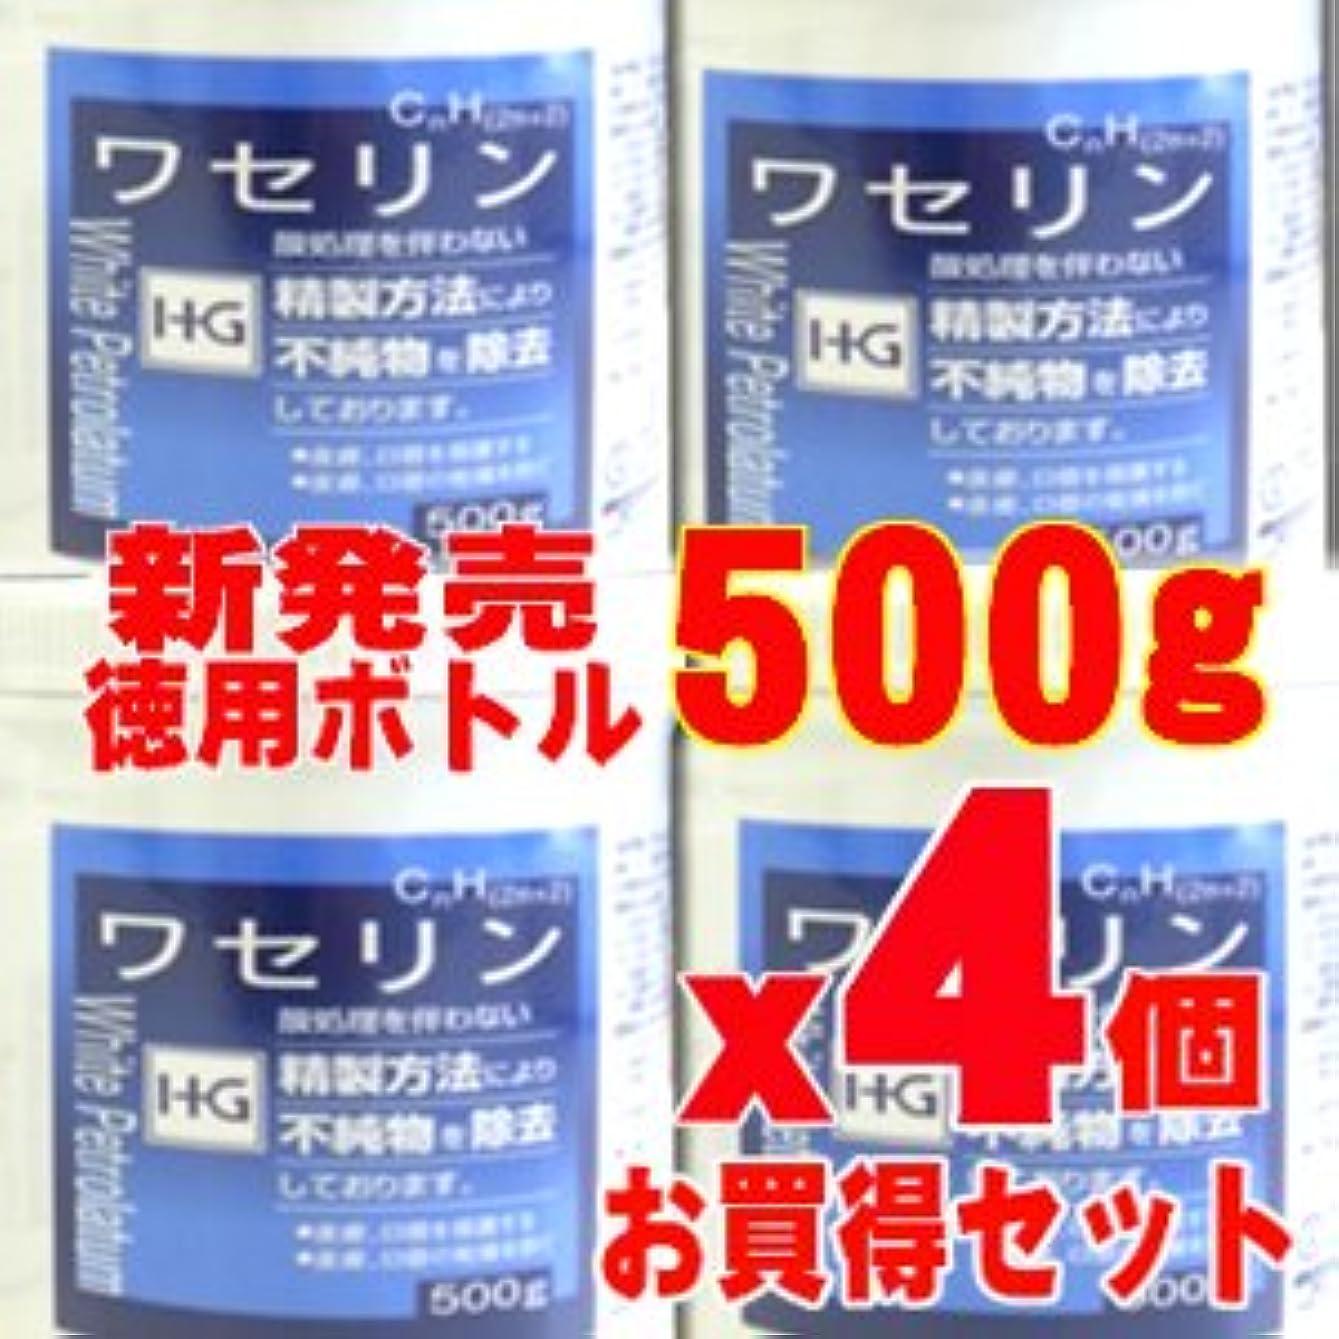 砲撃大工ポゴスティックジャンプ【敏感肌の方に最適!】皮膚保護 ワセリンHG 徳用500gx4個セット